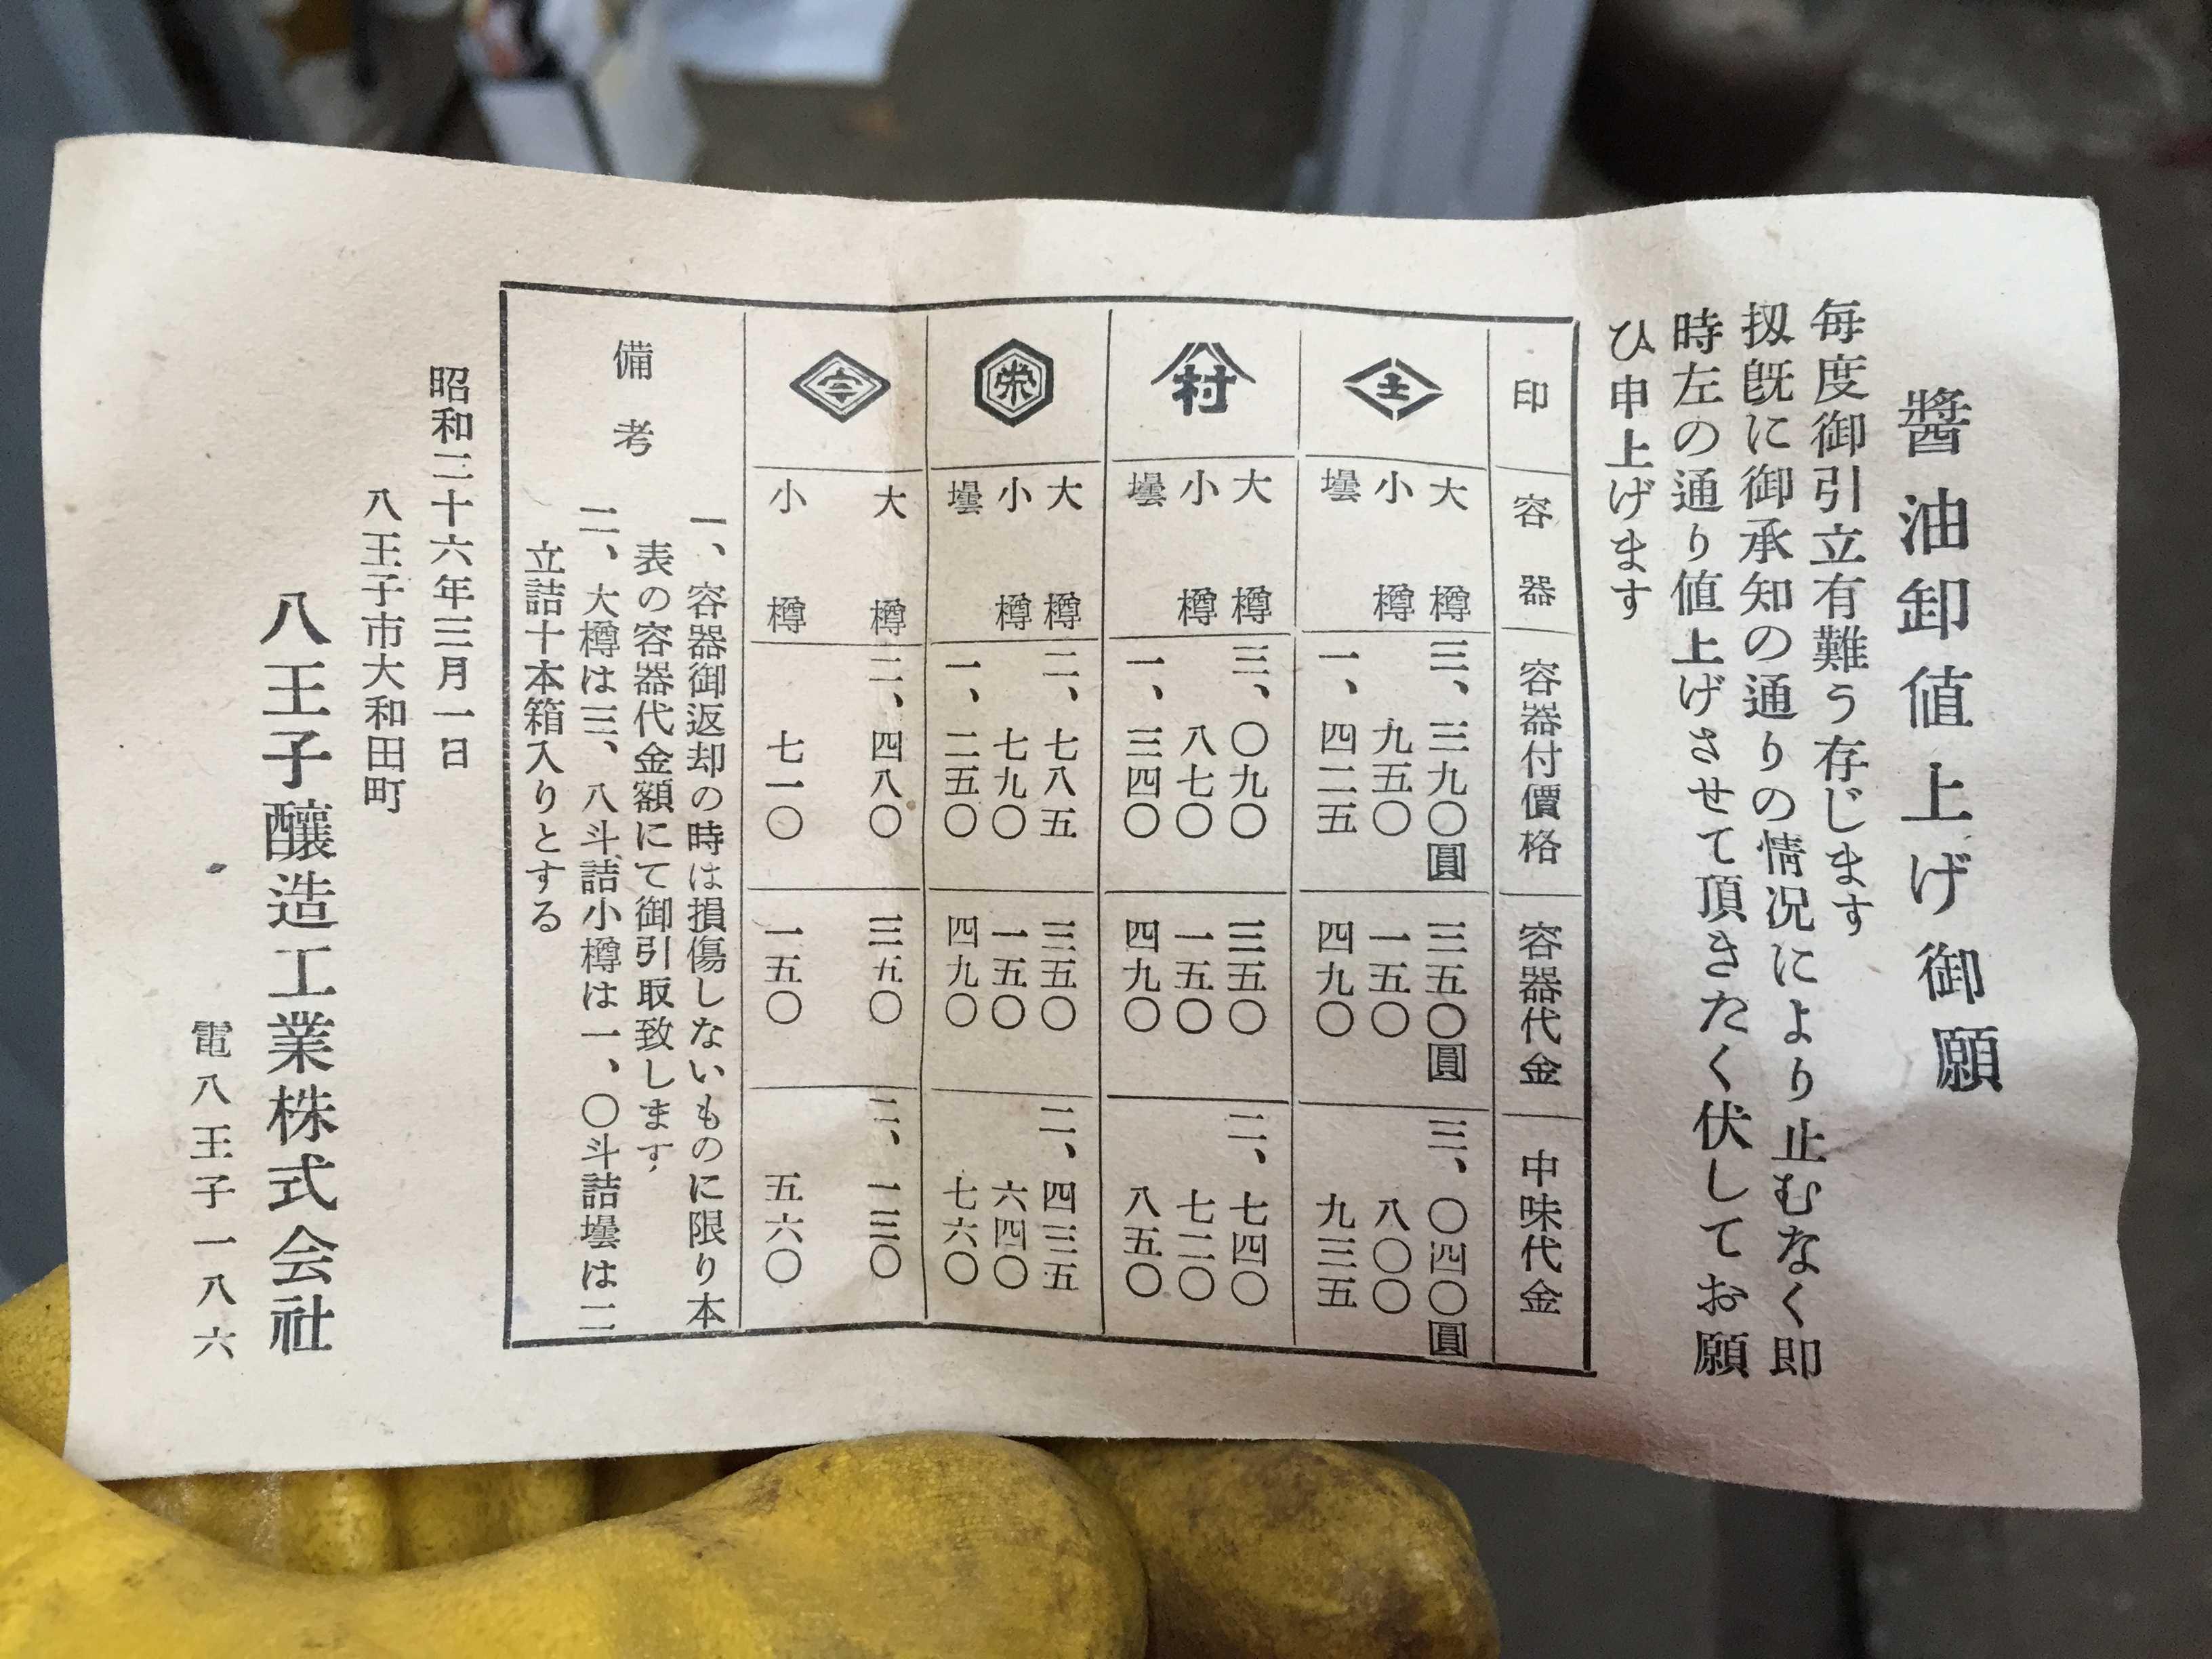 昭和26年3月1日、八王子醸造工業の醤油卸値上げ御願い葉書